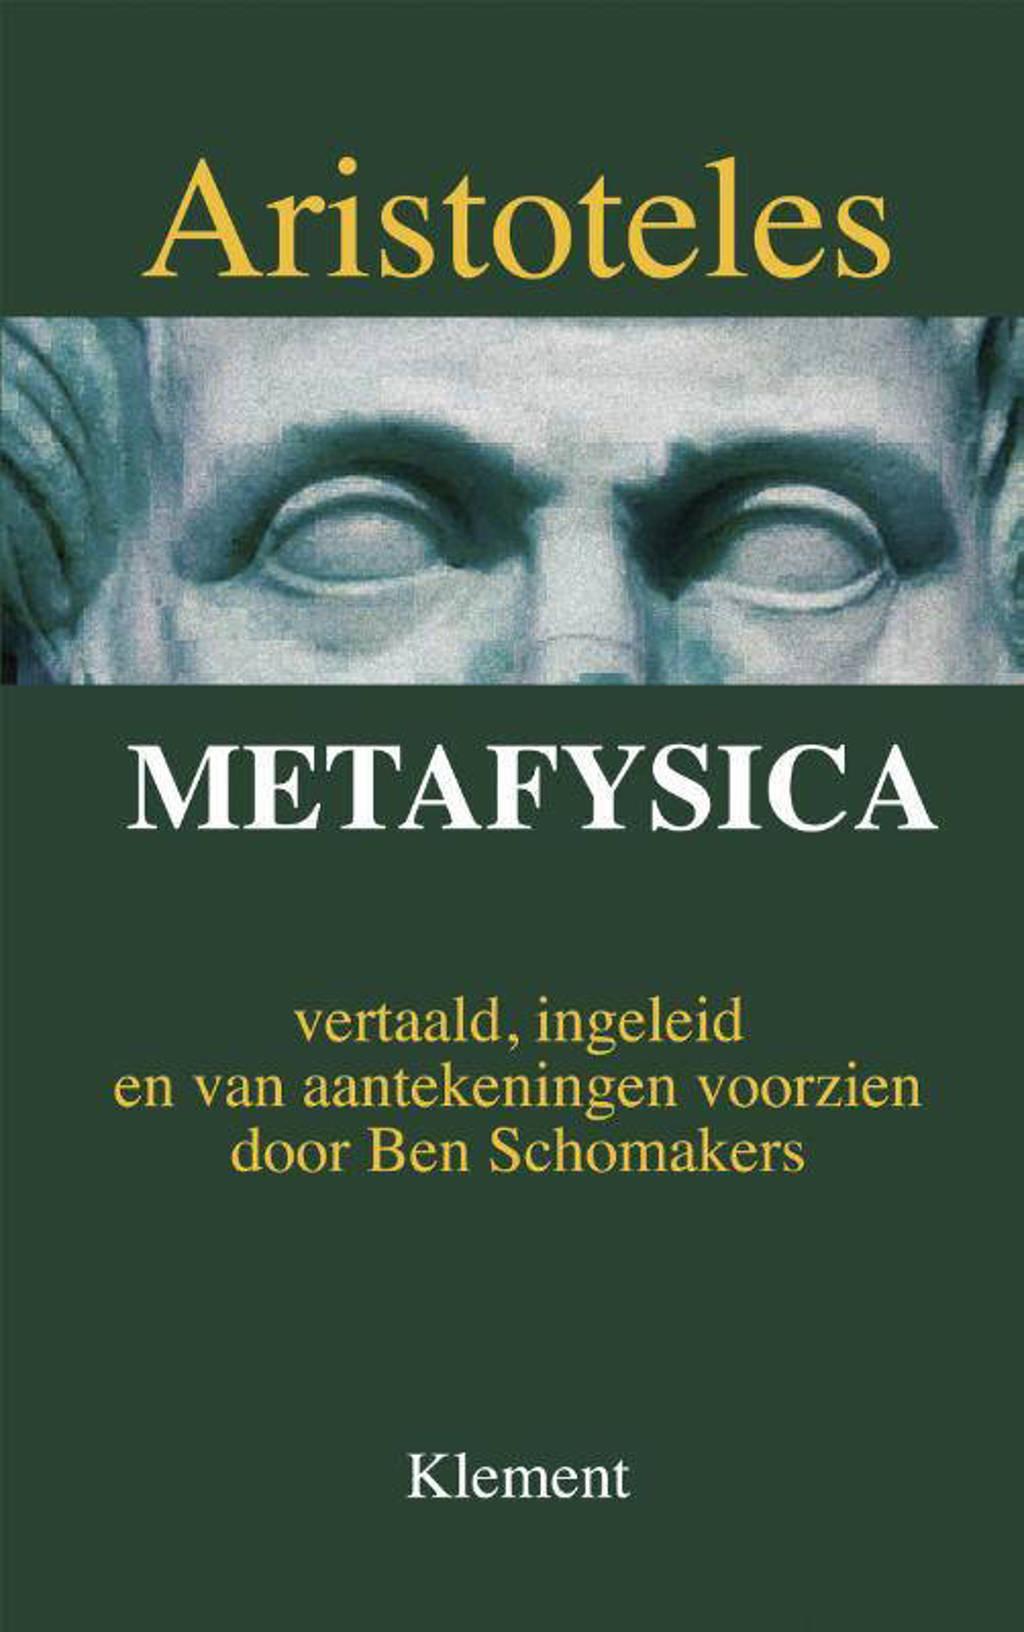 Metafysica - Aristoteles